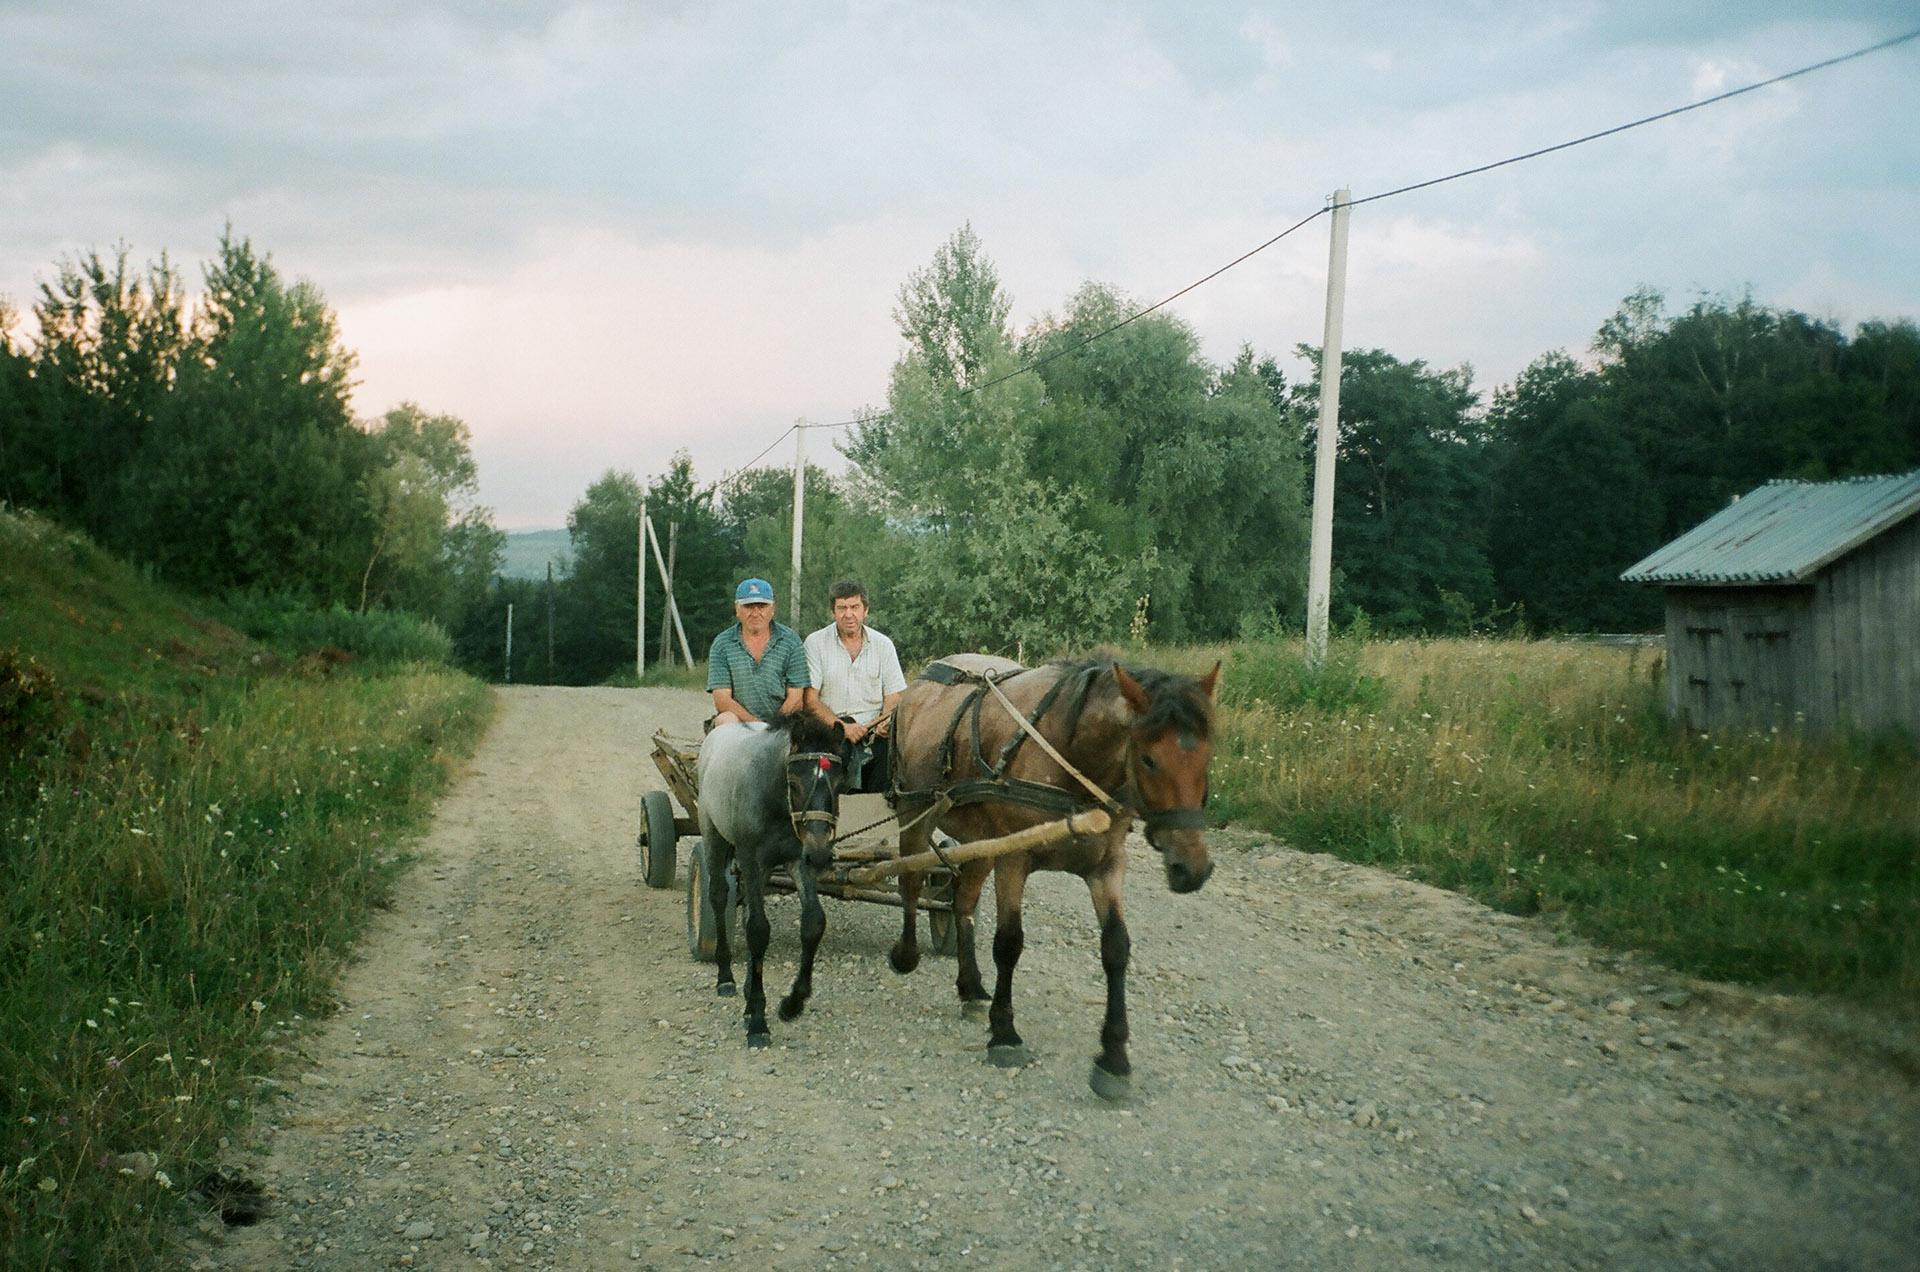 Людина, що їде на коні, намальована коляскою, що подорожує по грунтовій дорозі